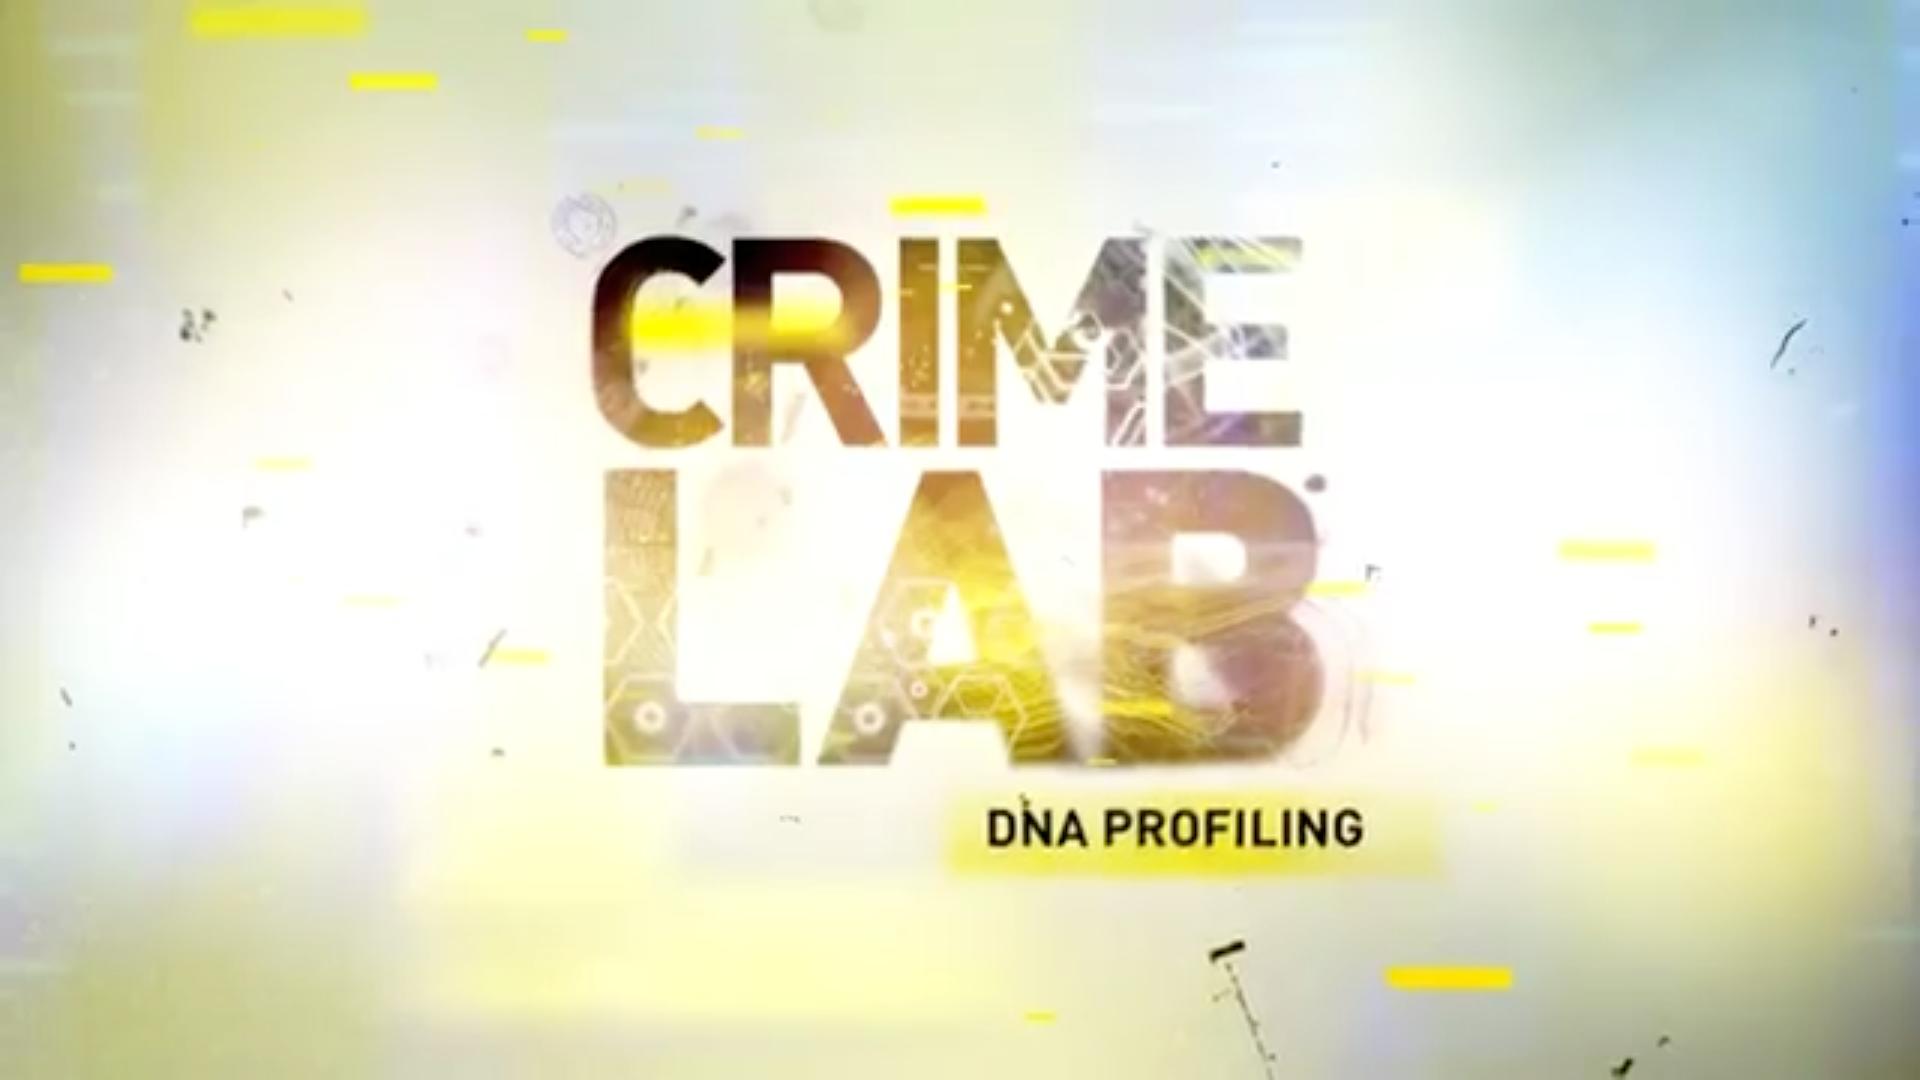 CRIMER LAB